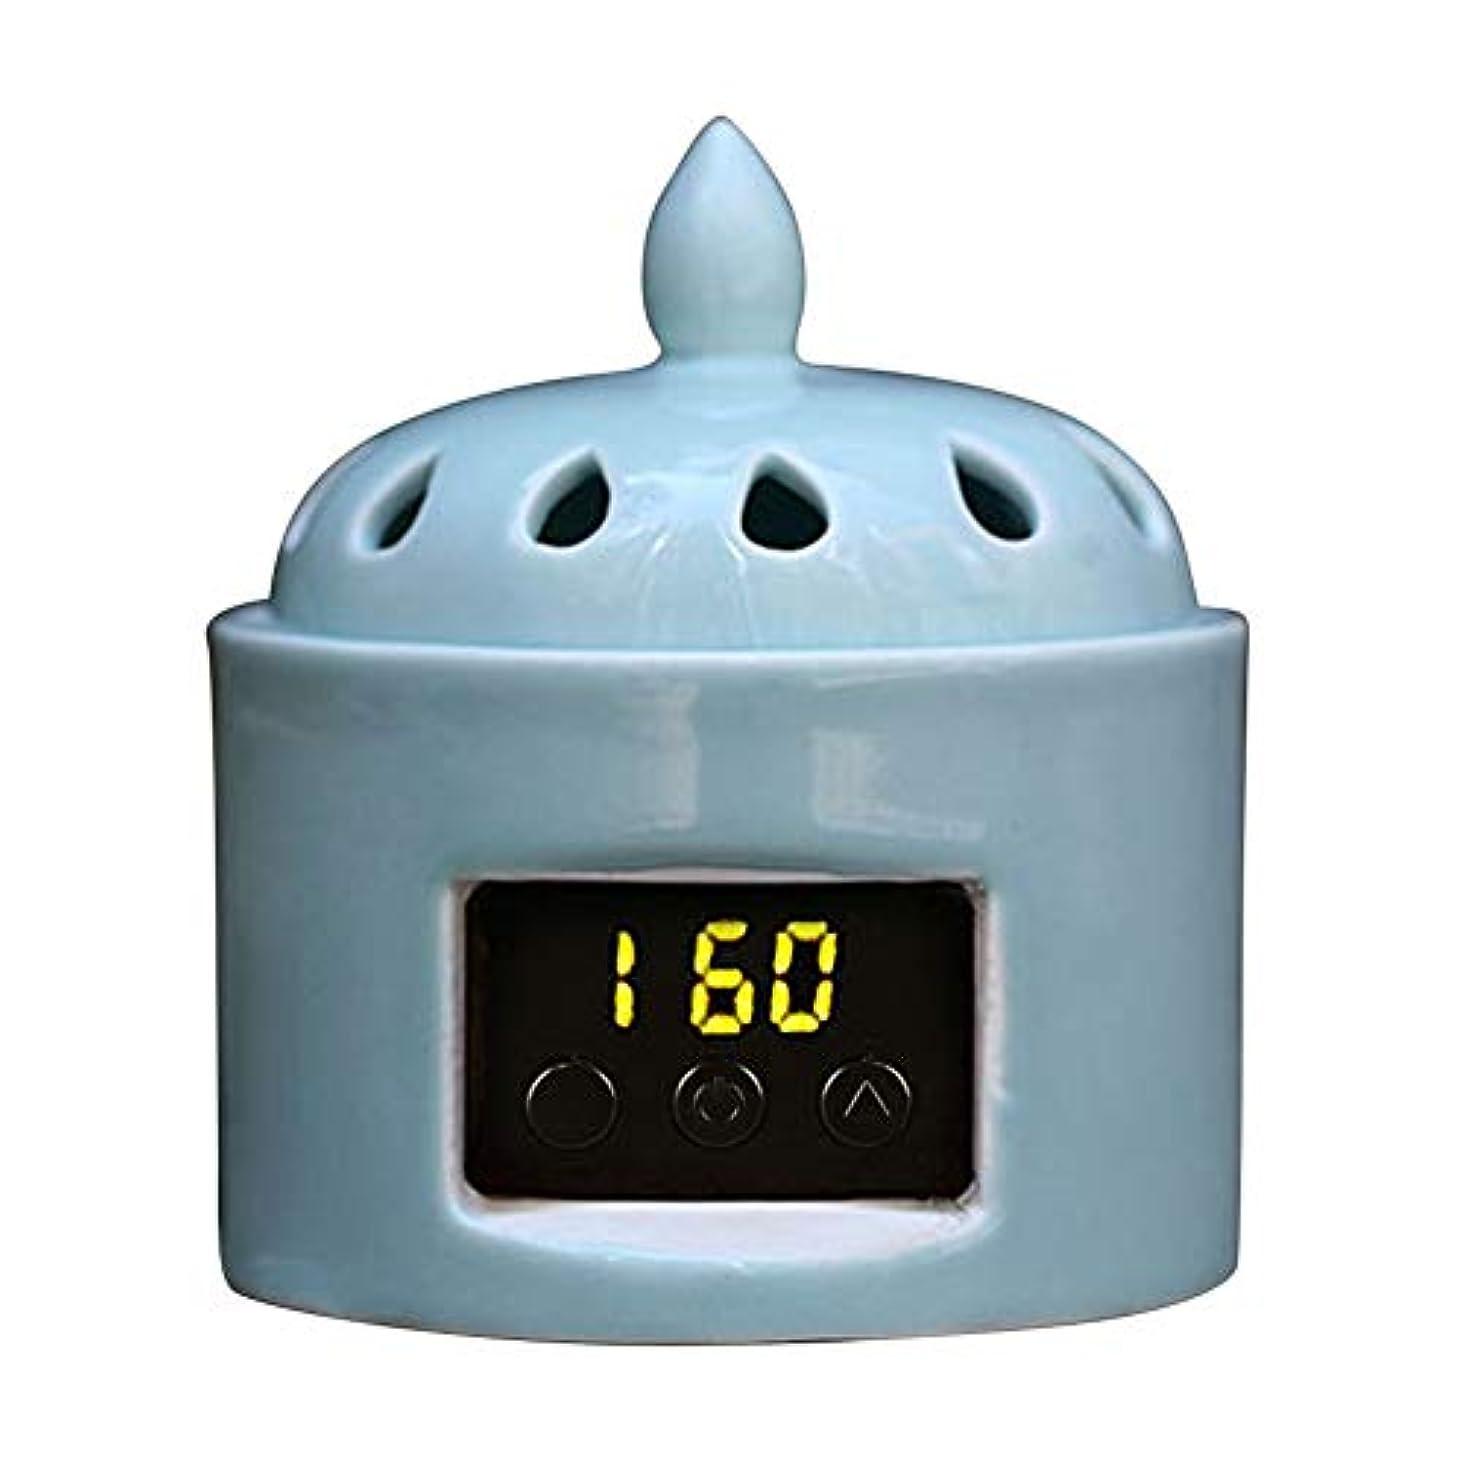 キラウエア山幸運なことにタヒチアロマディフューザー LCD温度制御 香炉、 電気セラミック 寒天 エッセンシャルオイル アロマテラピーディフューザー、 ホーム磁器、 バルコニー、 ポーチ、 パティオ、 ガーデンエッセンシャル セラミック電気香炉